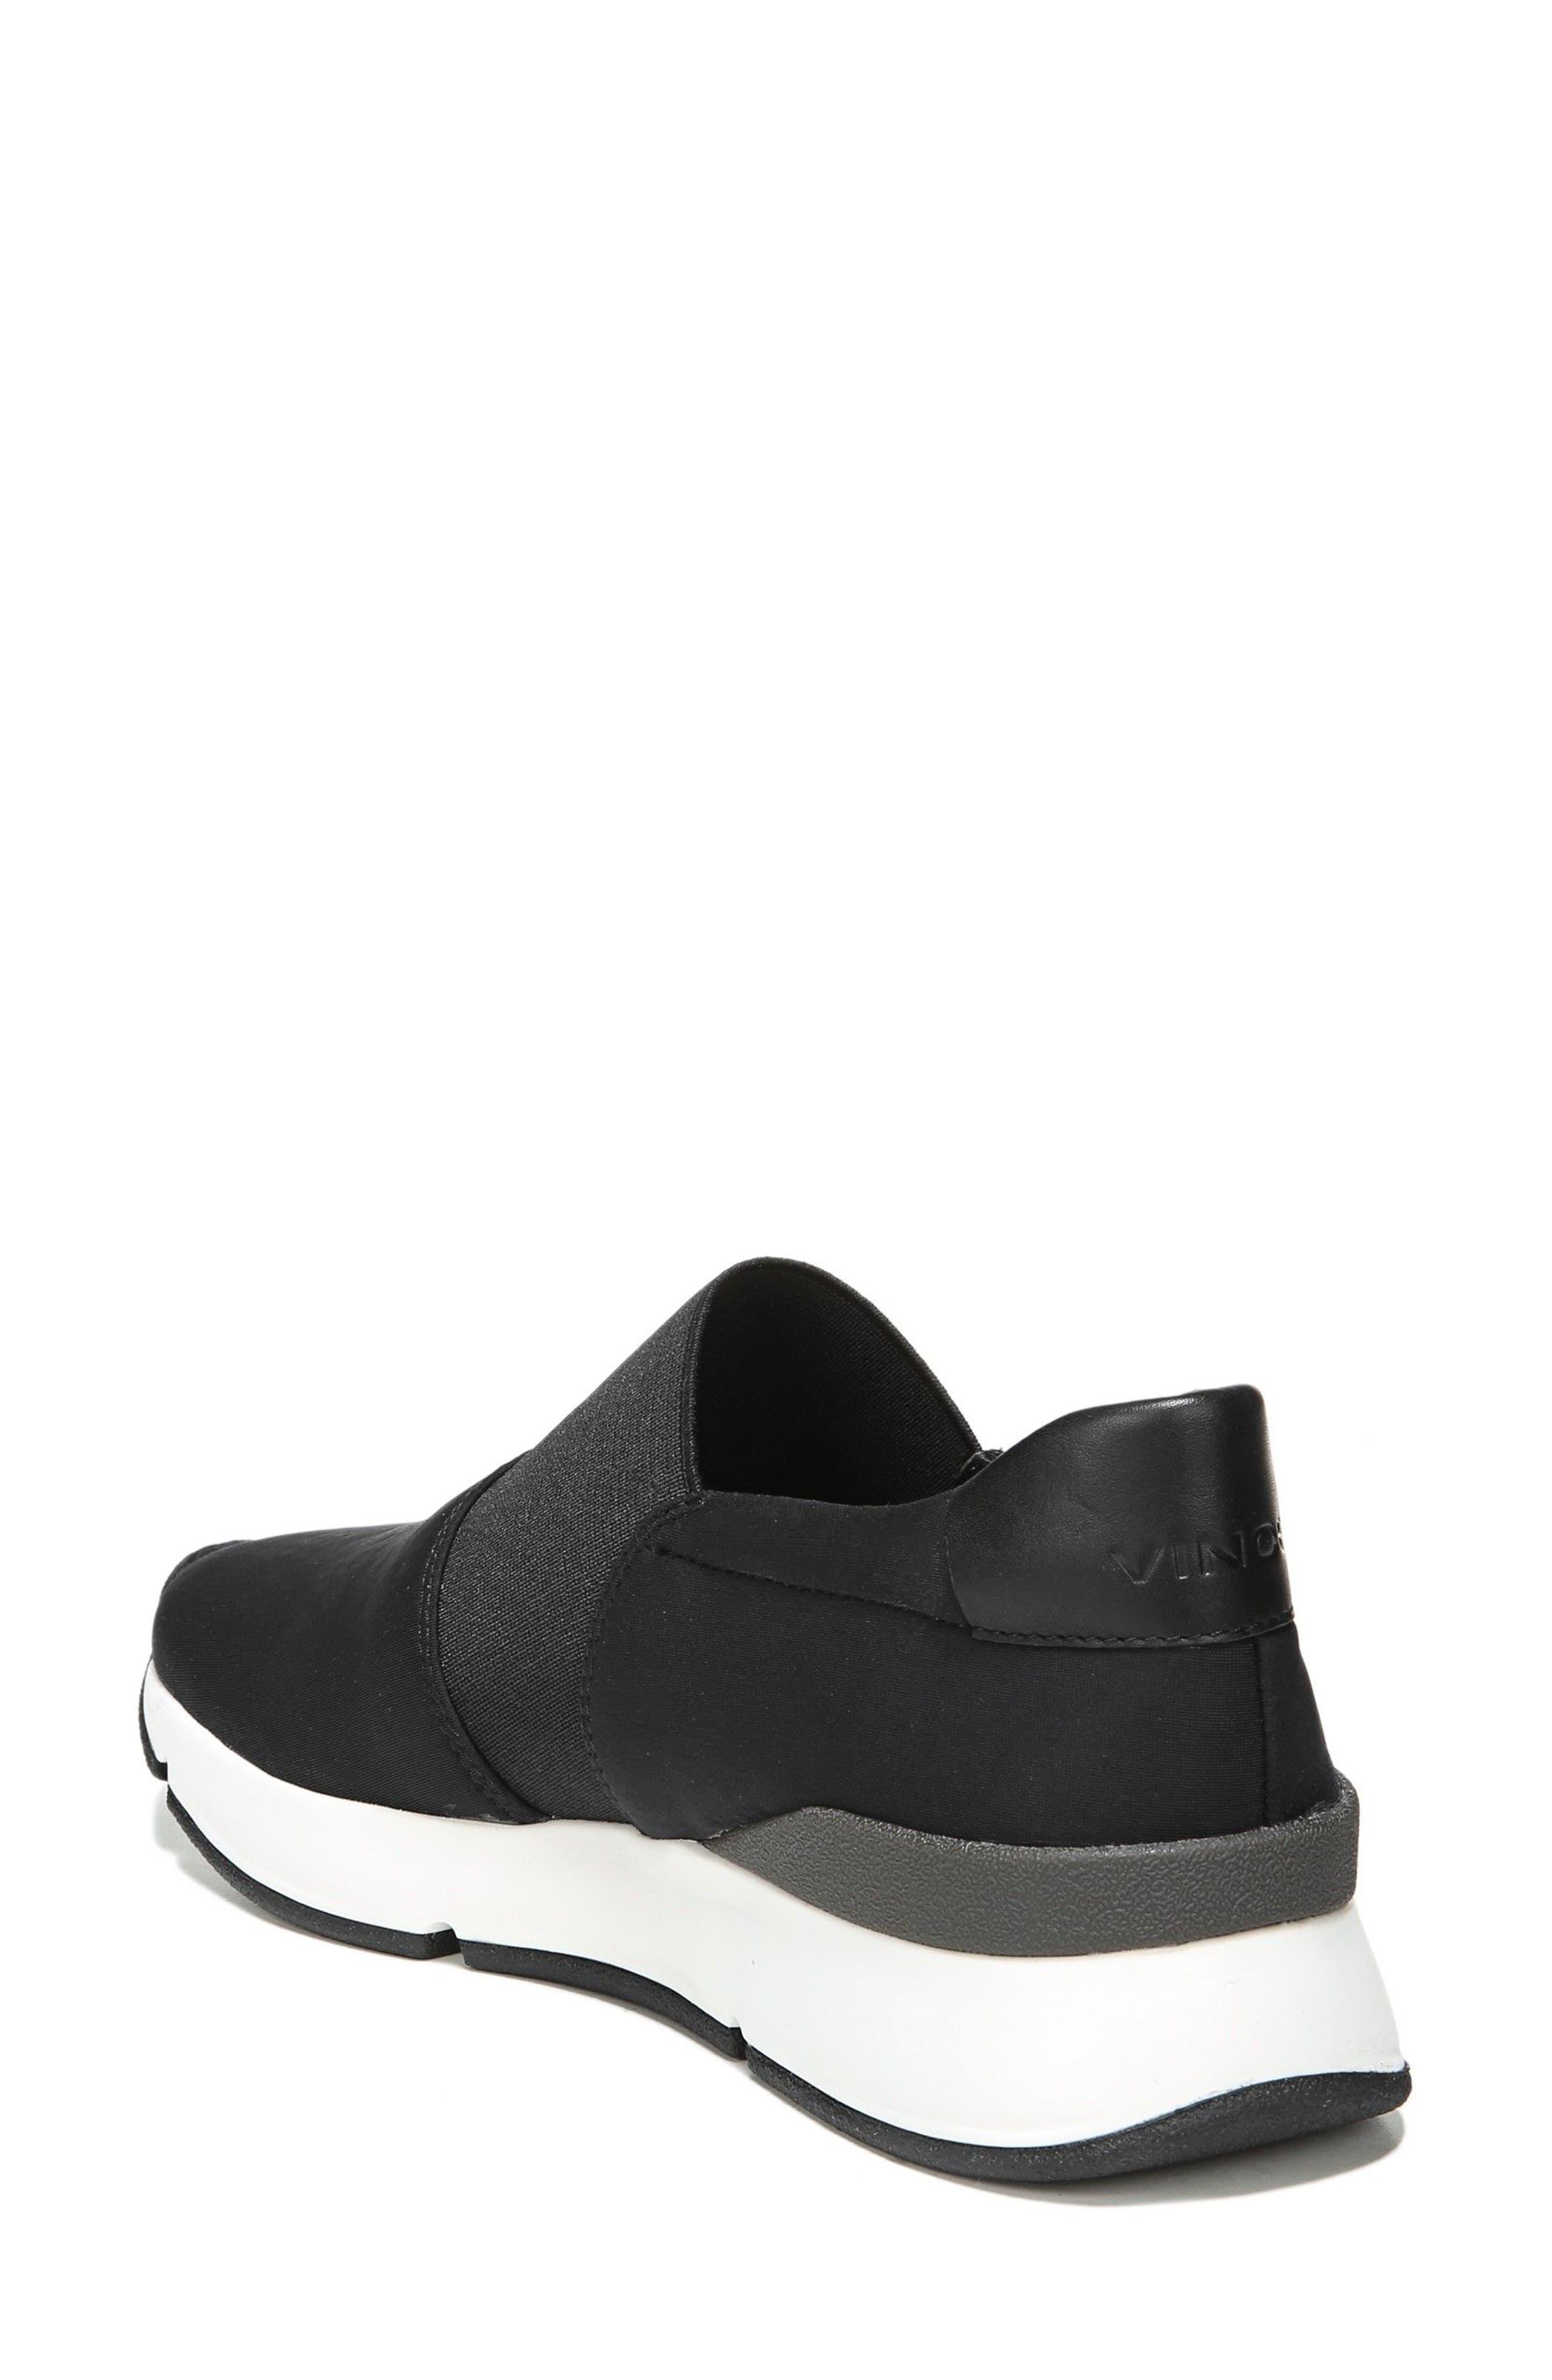 Truscott Slip-On Sneaker,                             Alternate thumbnail 2, color,                             001